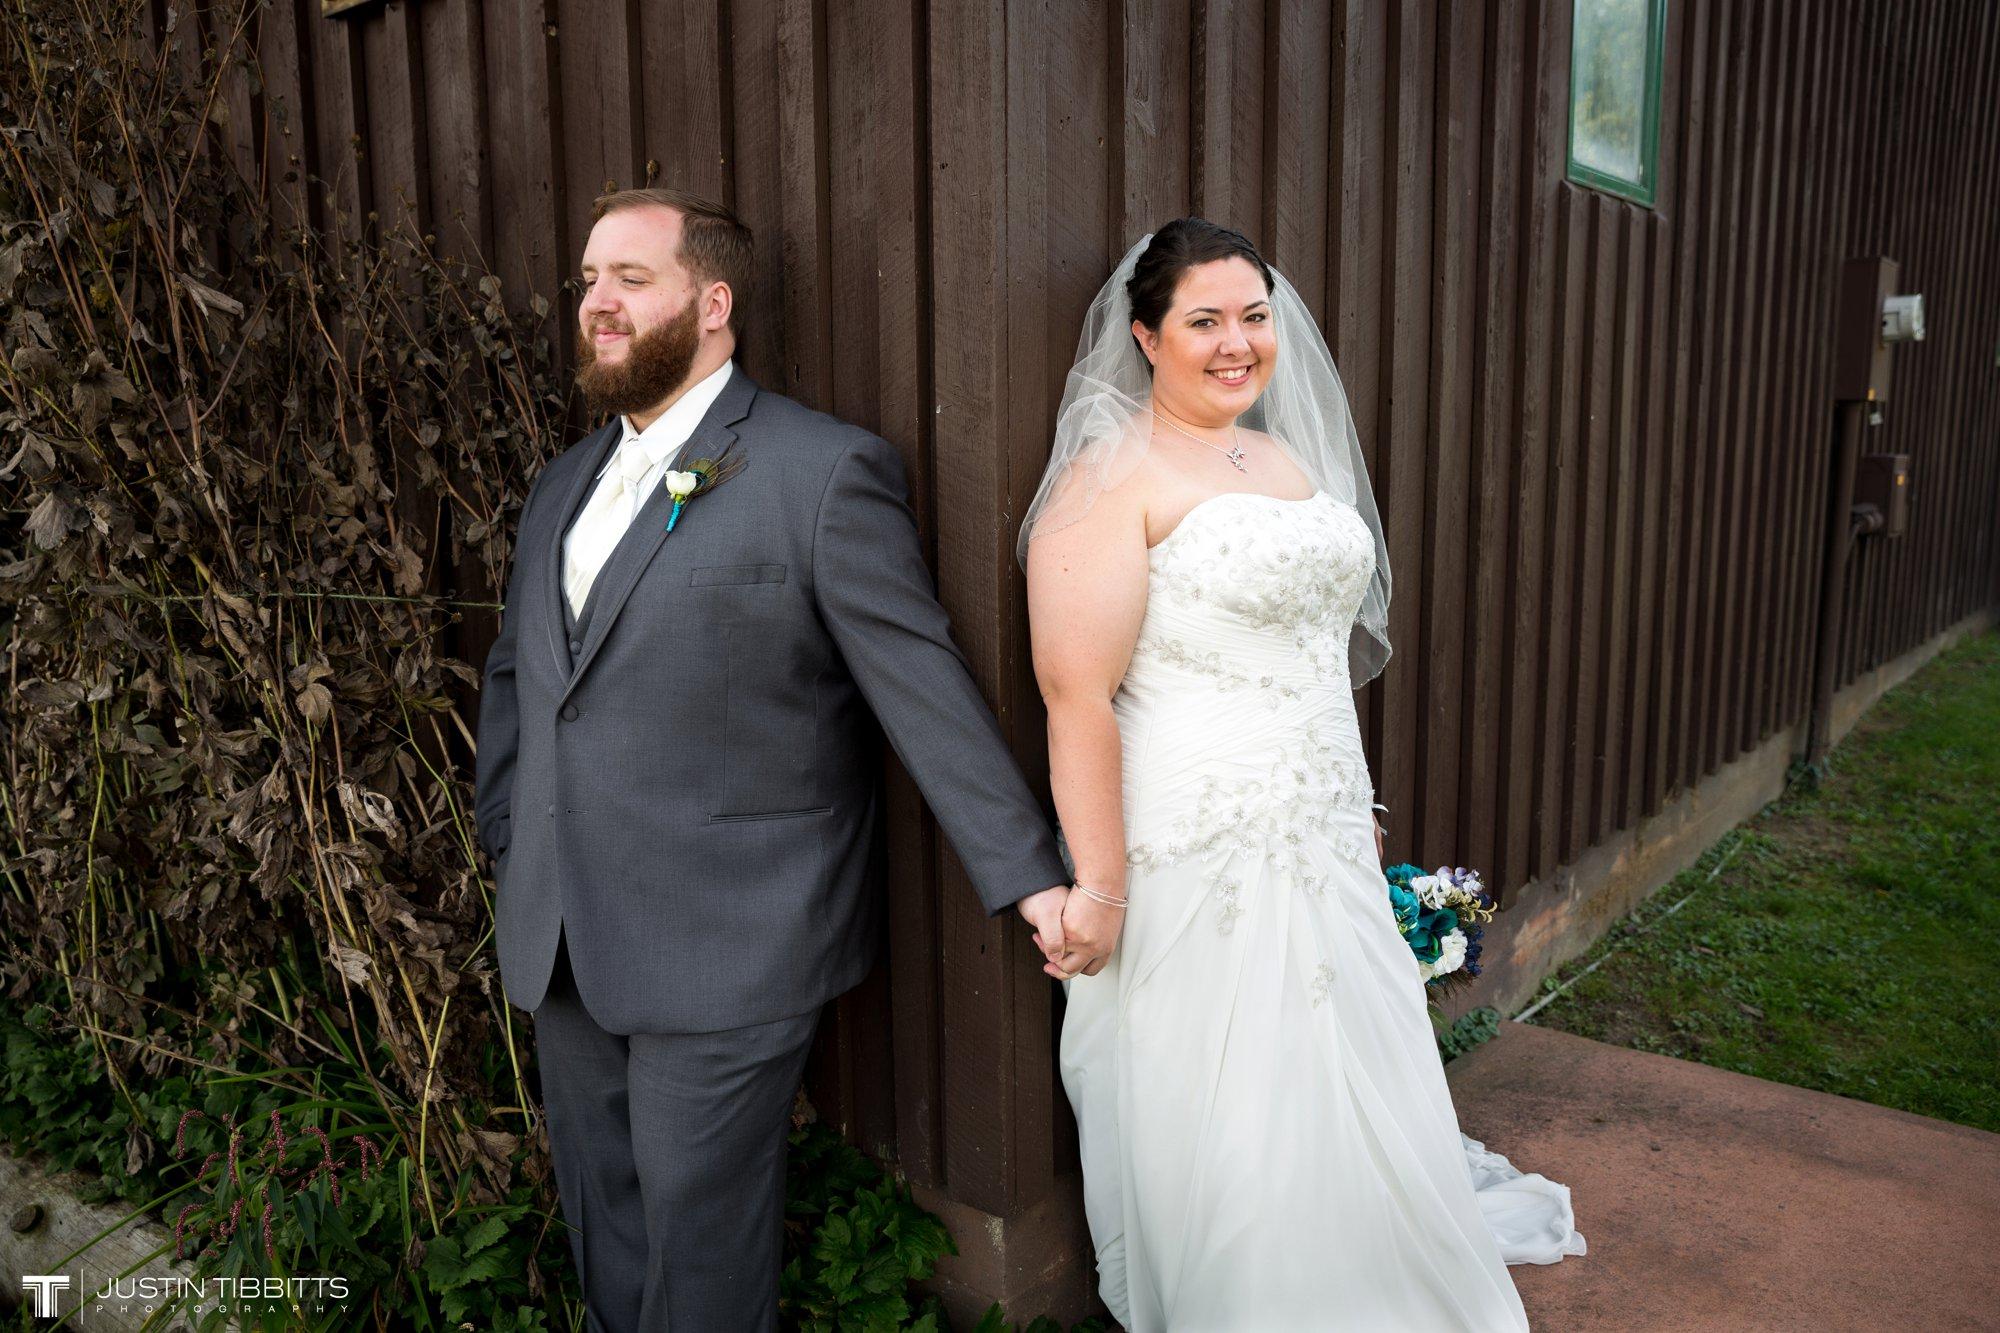 Albany NY Wedding Photographer Justin Tibbitts Photography 2014 Best of Albany NY Weddings-13610978